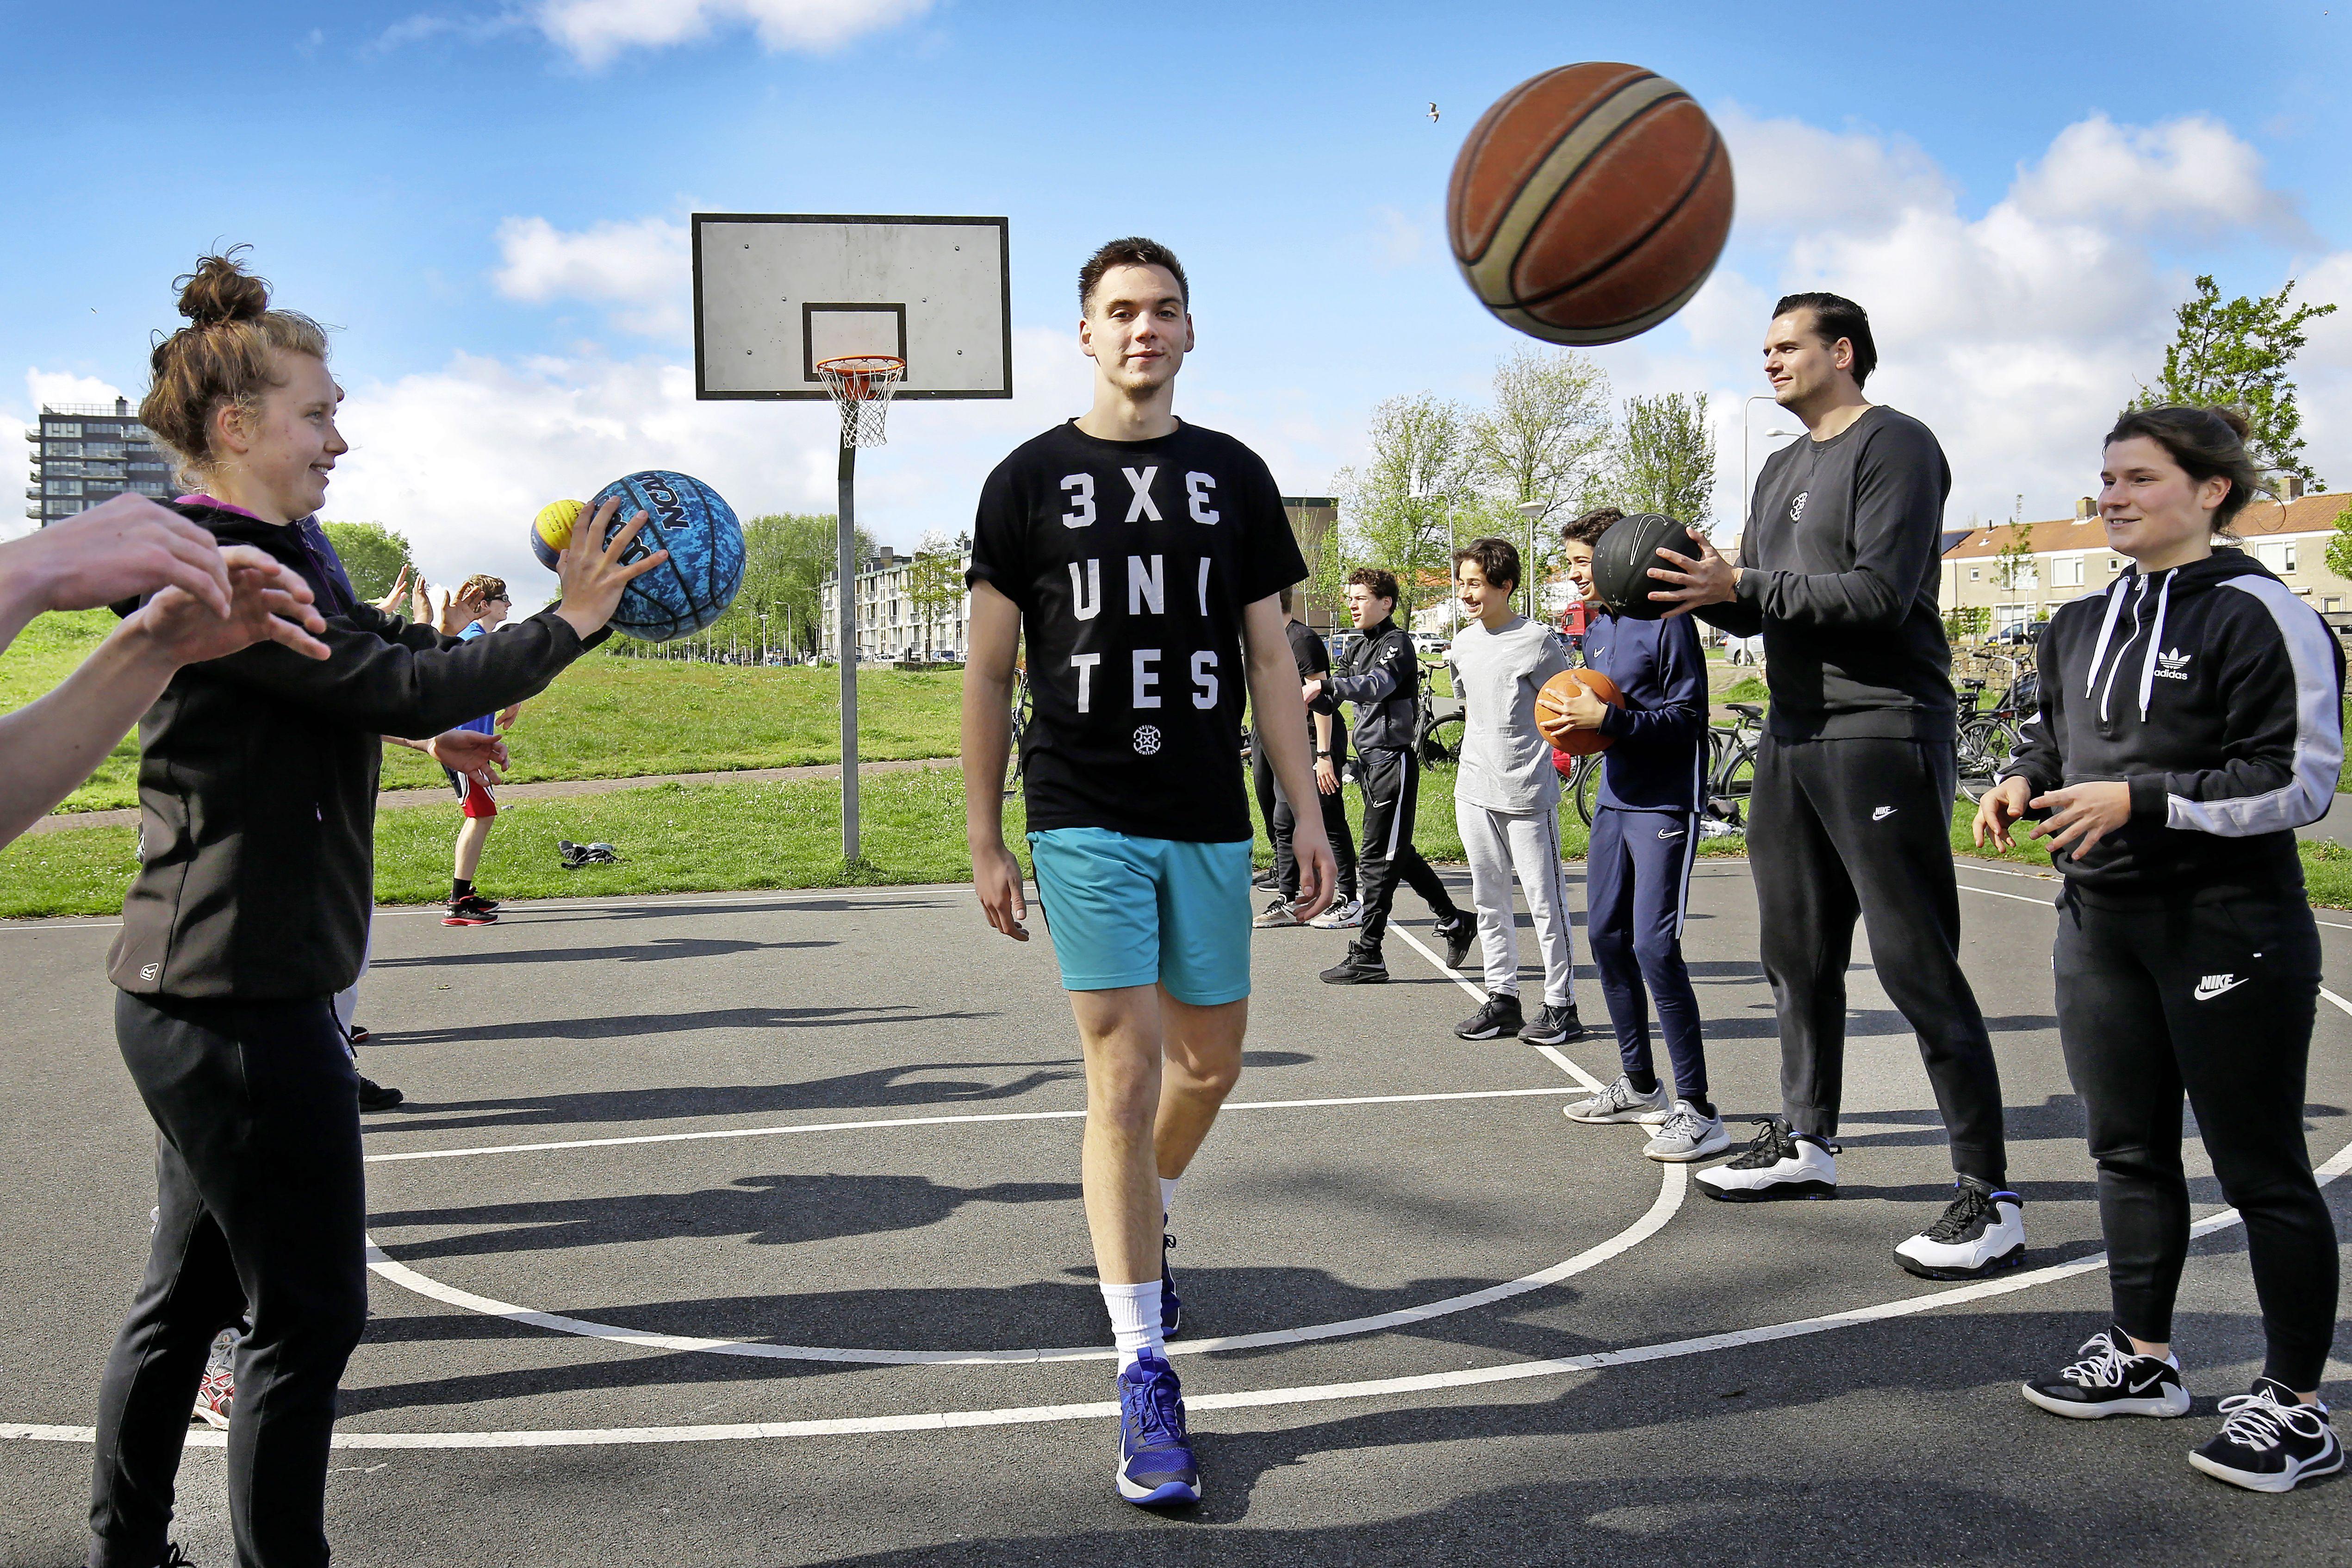 Basketballer Bas wil wat teruggeven aan 'zijn sport' 3x3. 'Je hebt elkaar kei- en keihard nodig. Het spel gaat supersnel, dus lang nazeuren heeft sowieso geen zin'